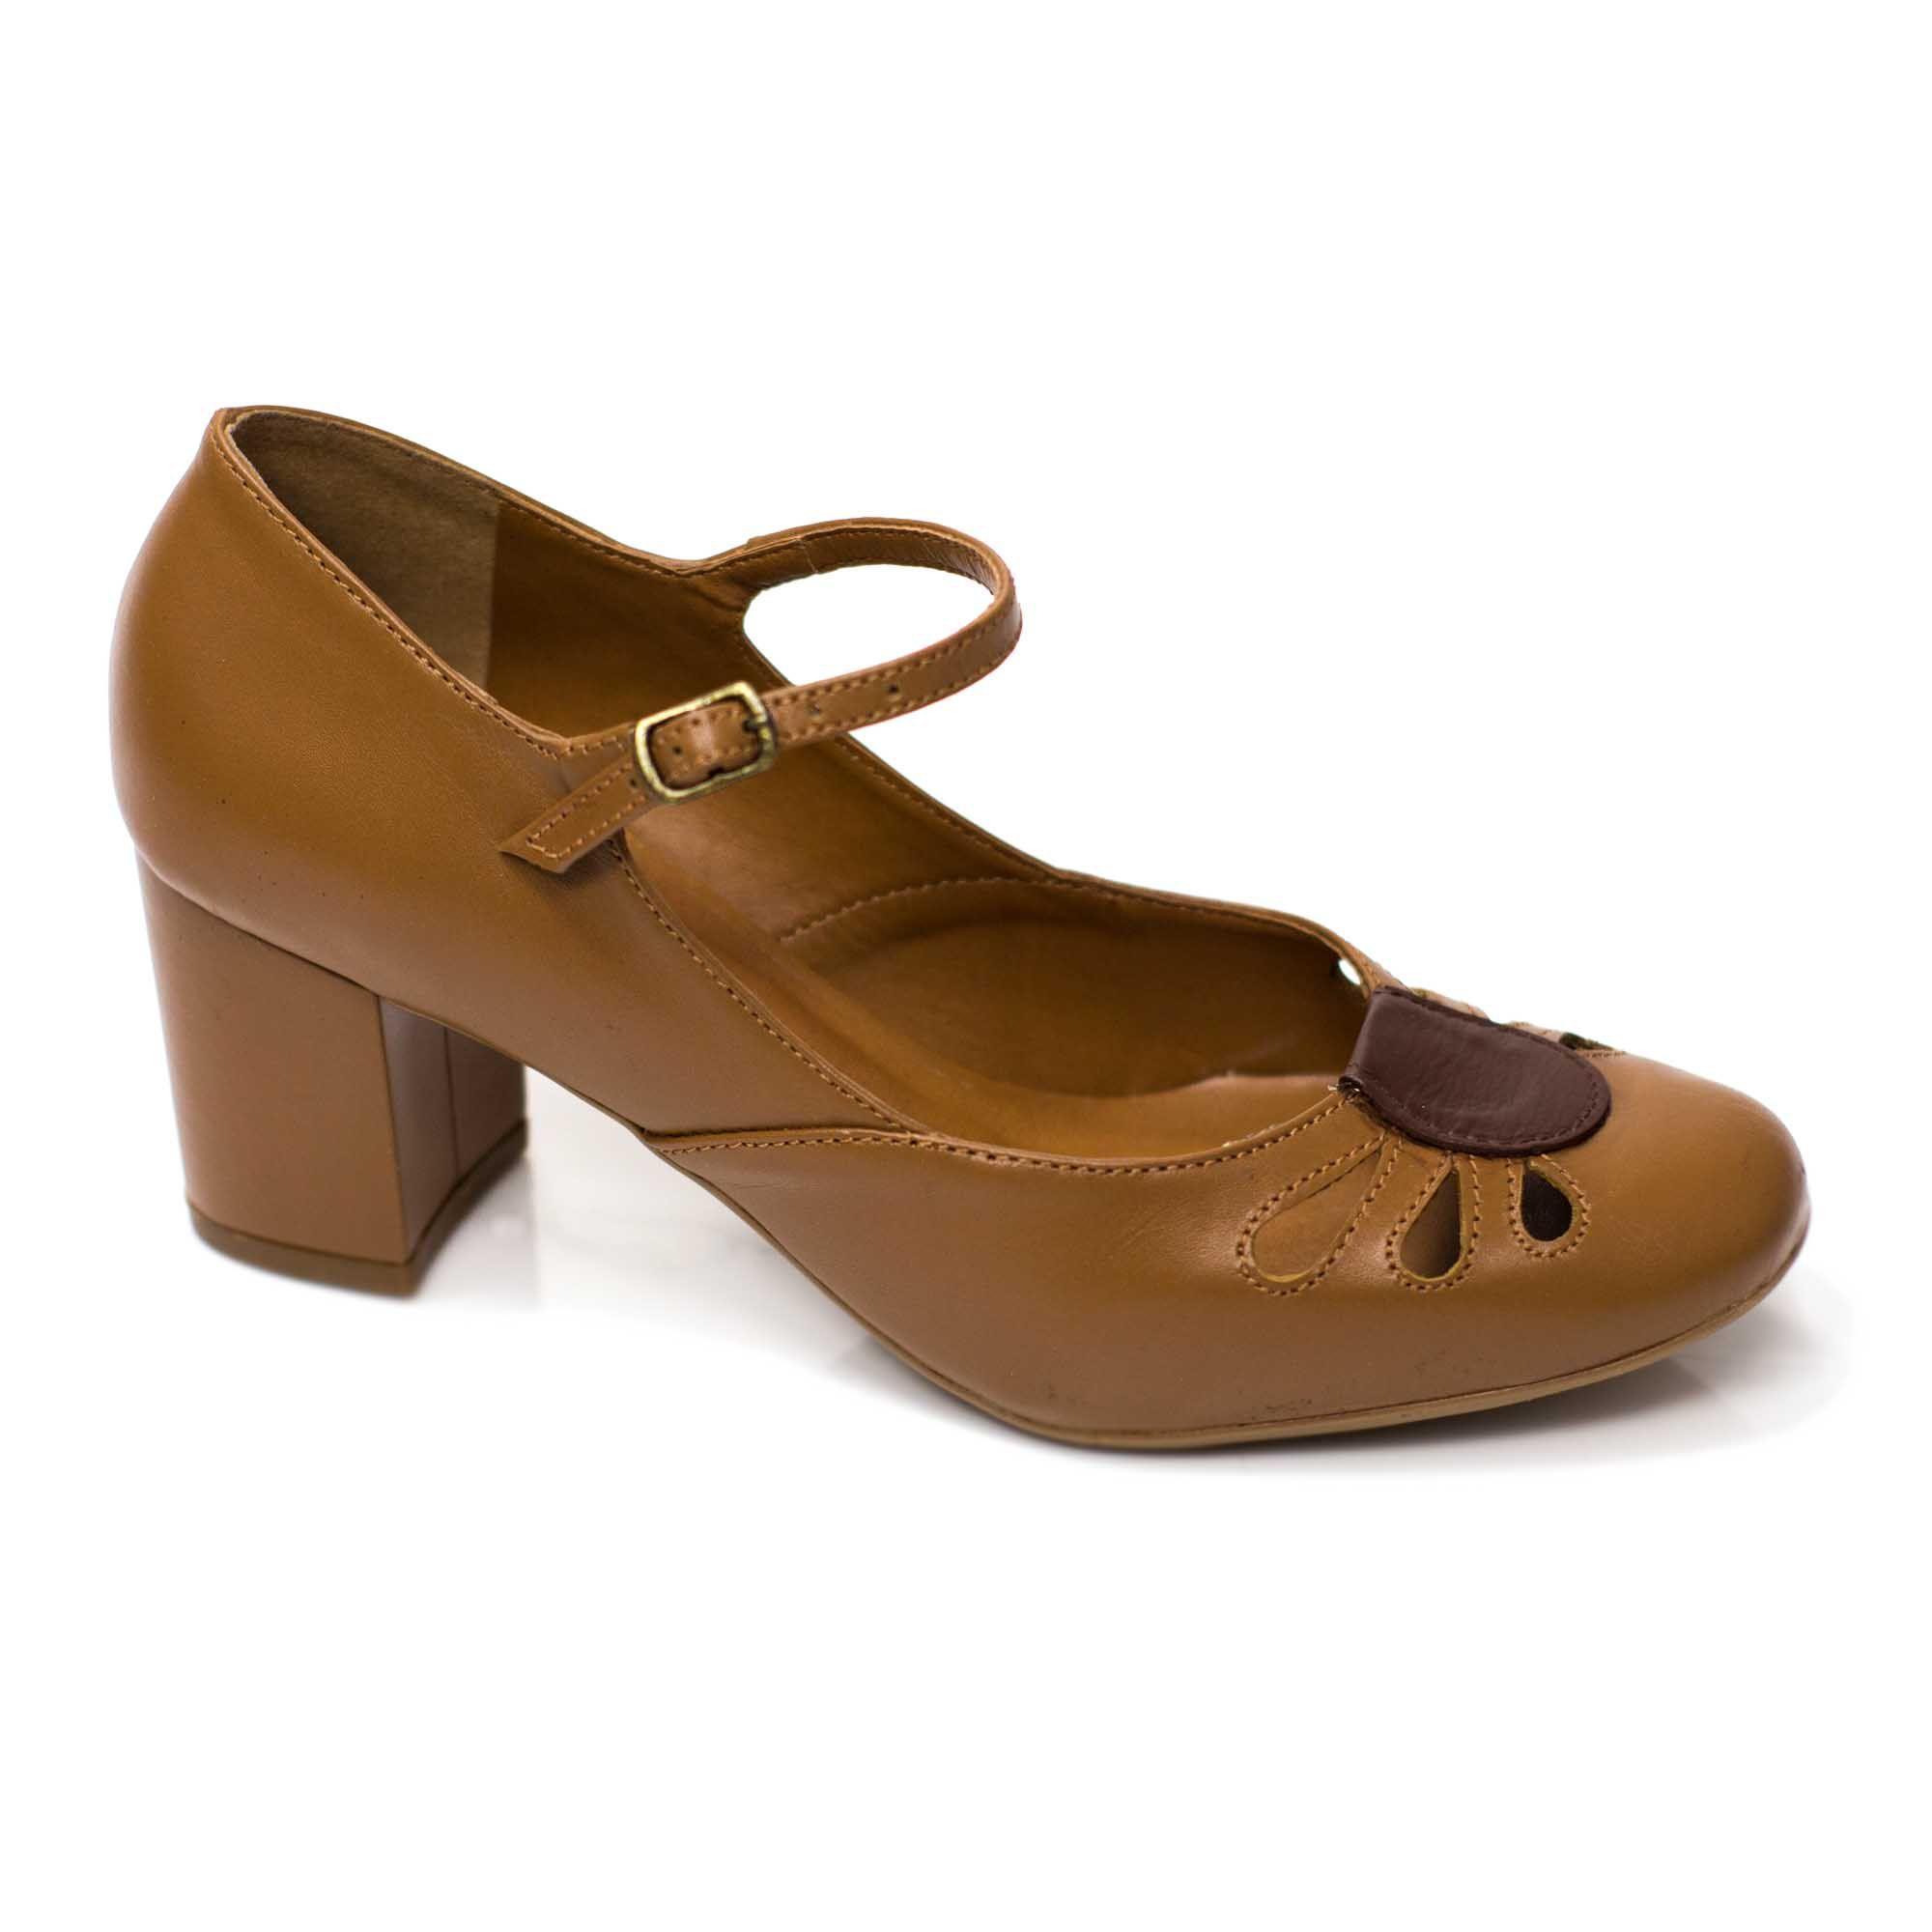 Sapato Boneca Retrô em couro Caramel